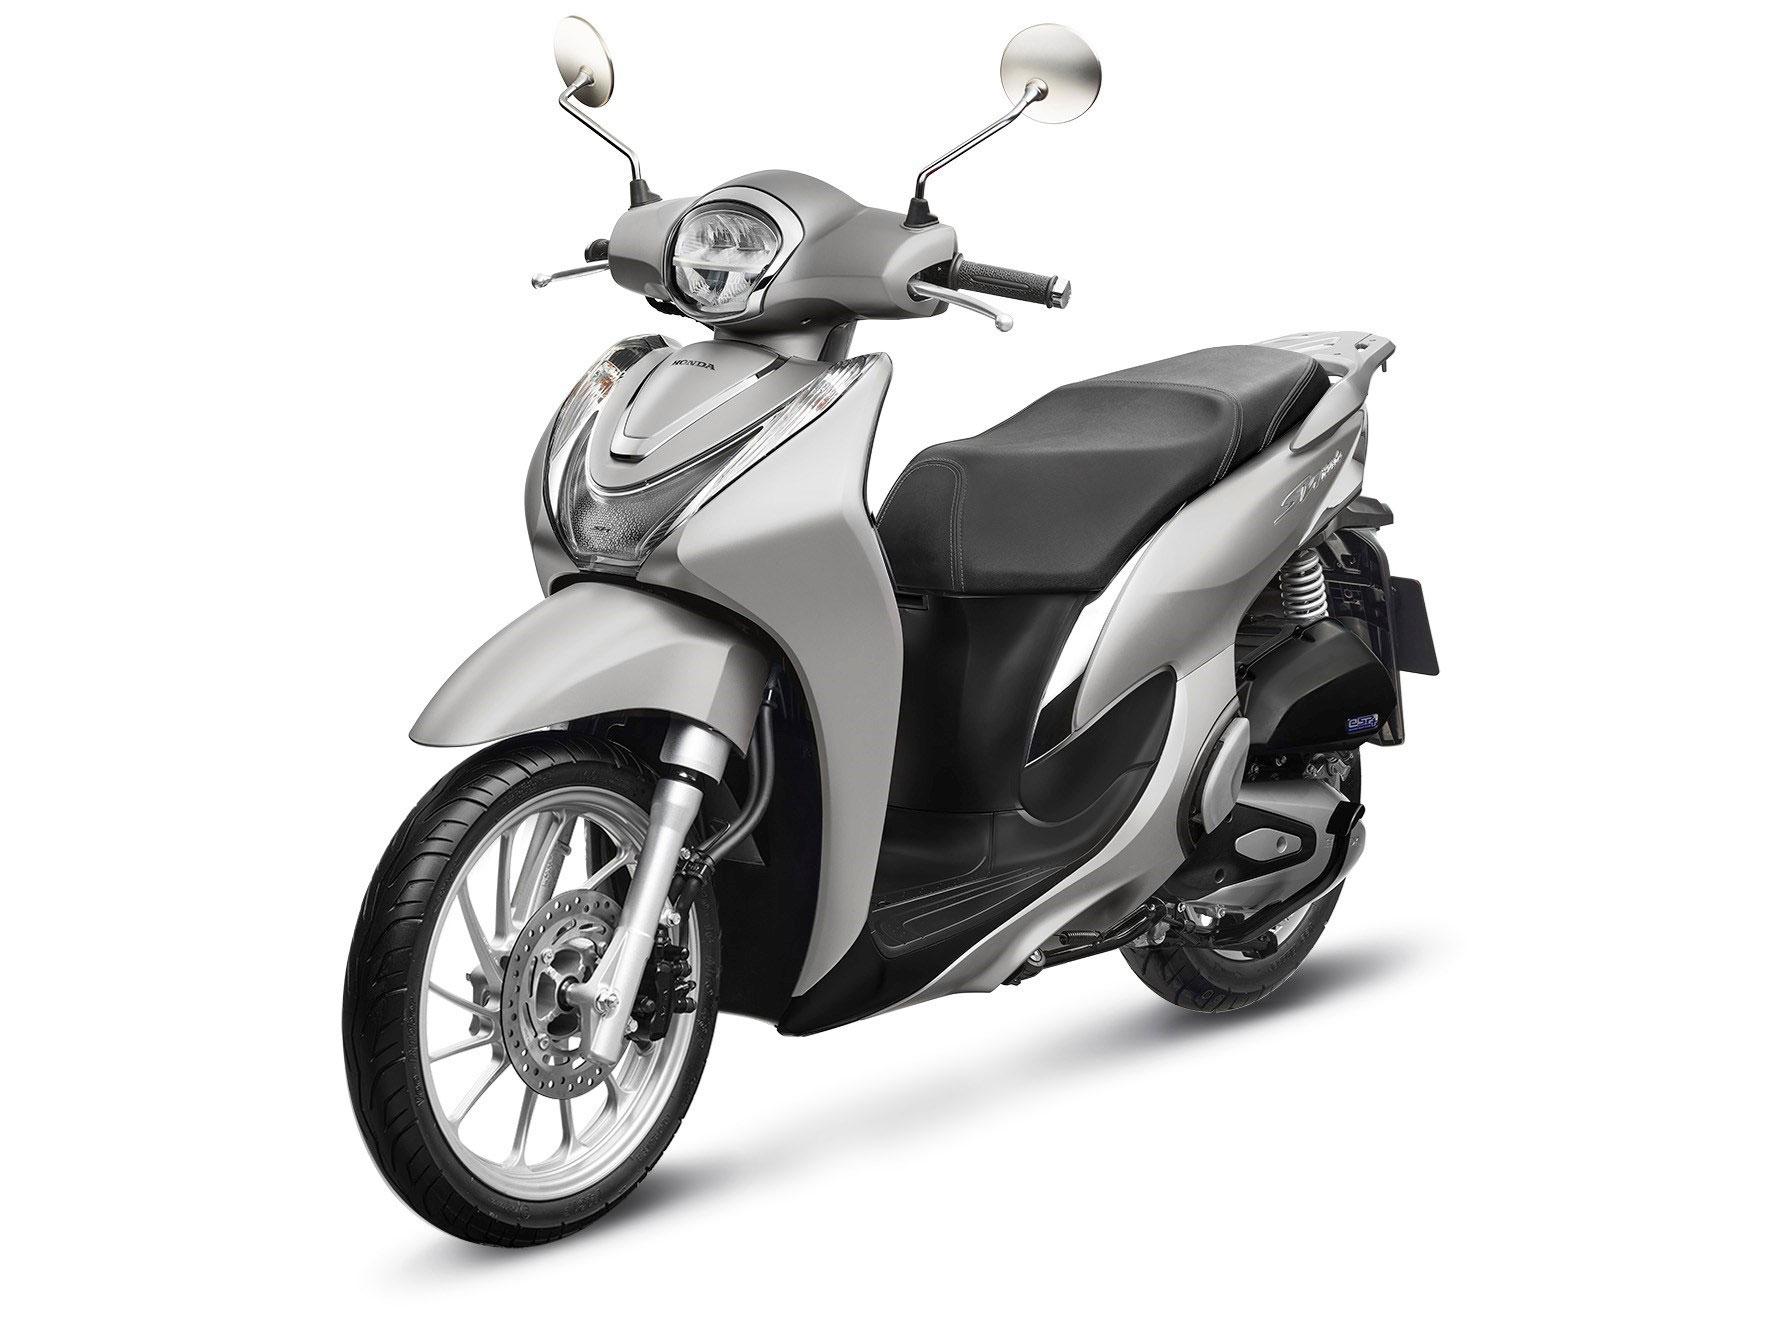 Le Honda SH mode 125